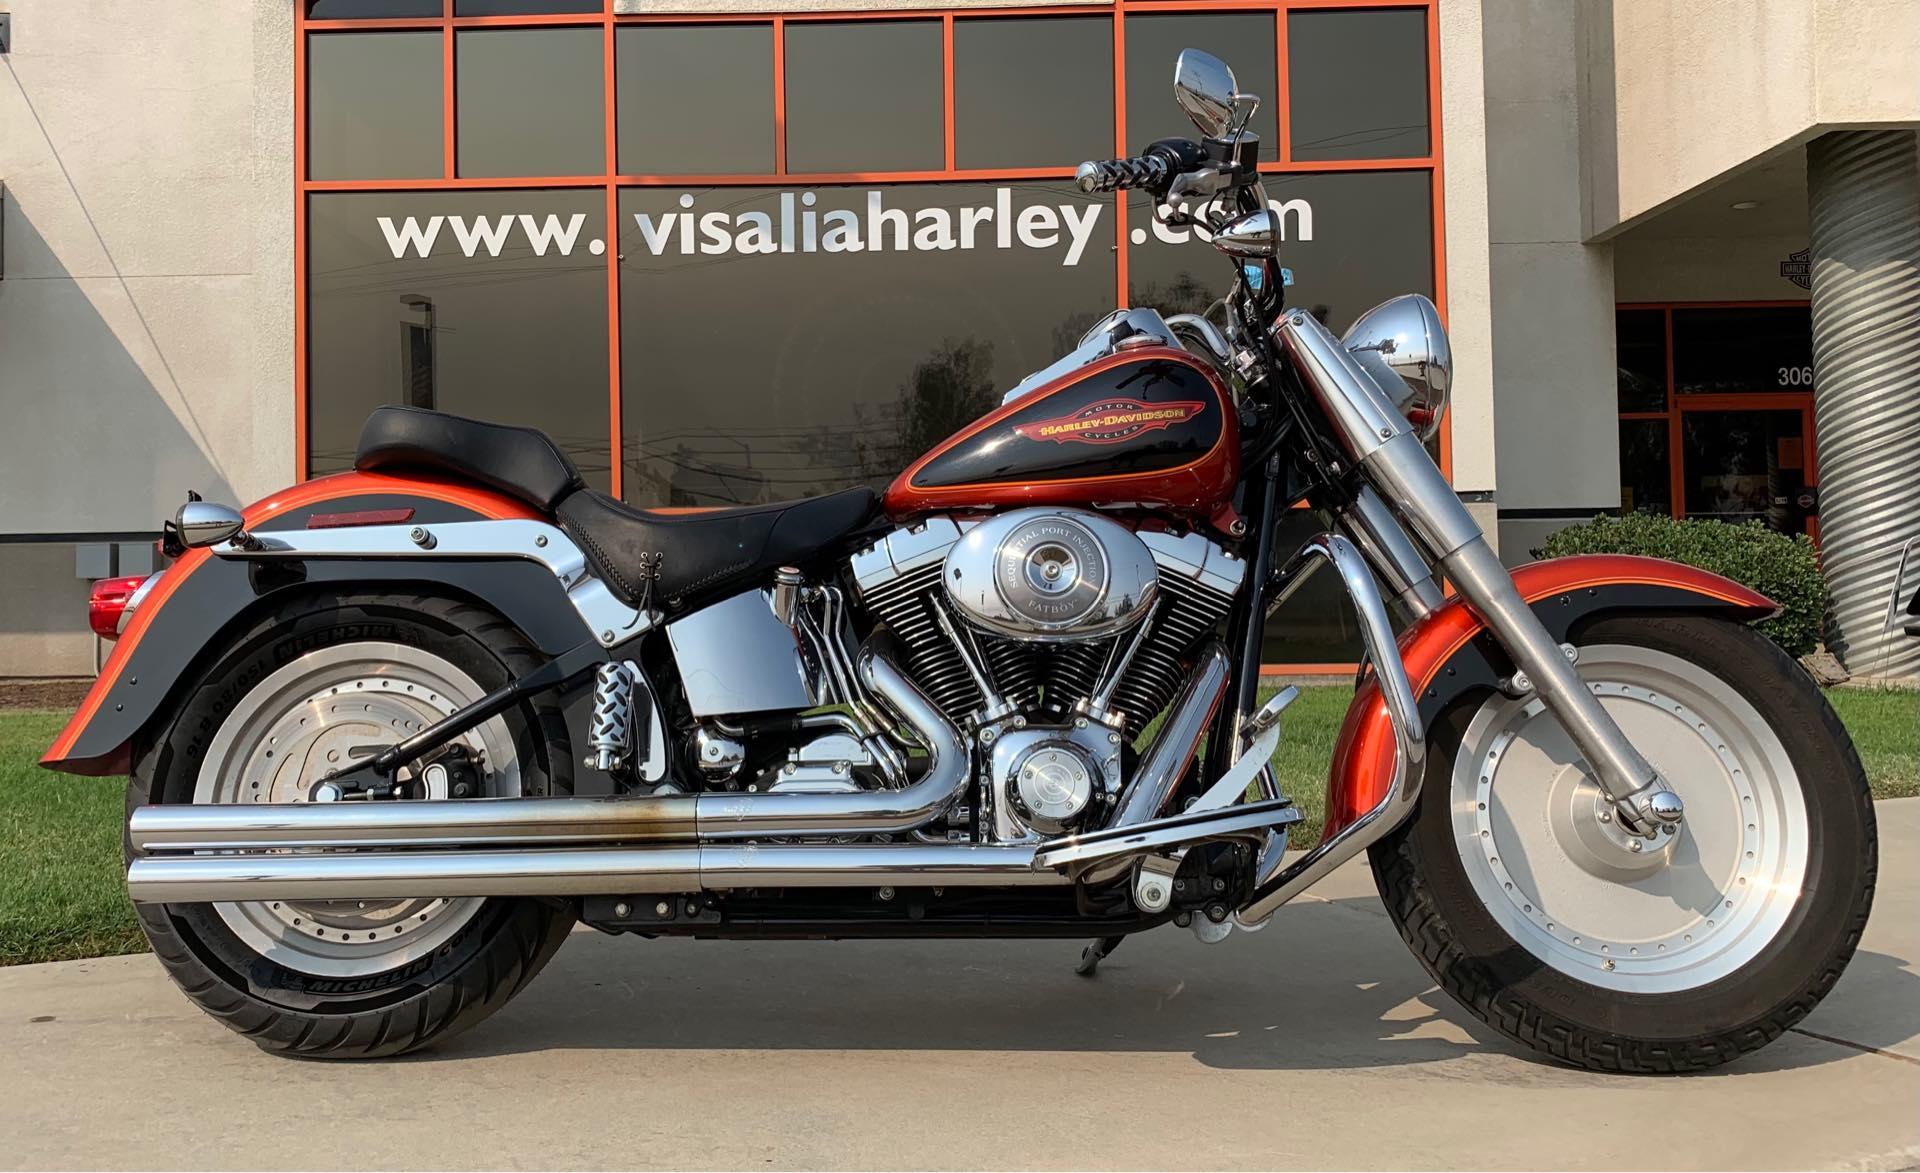 2005 Harley-Davidson Softail Fat Boy at Visalia Harley-Davidson